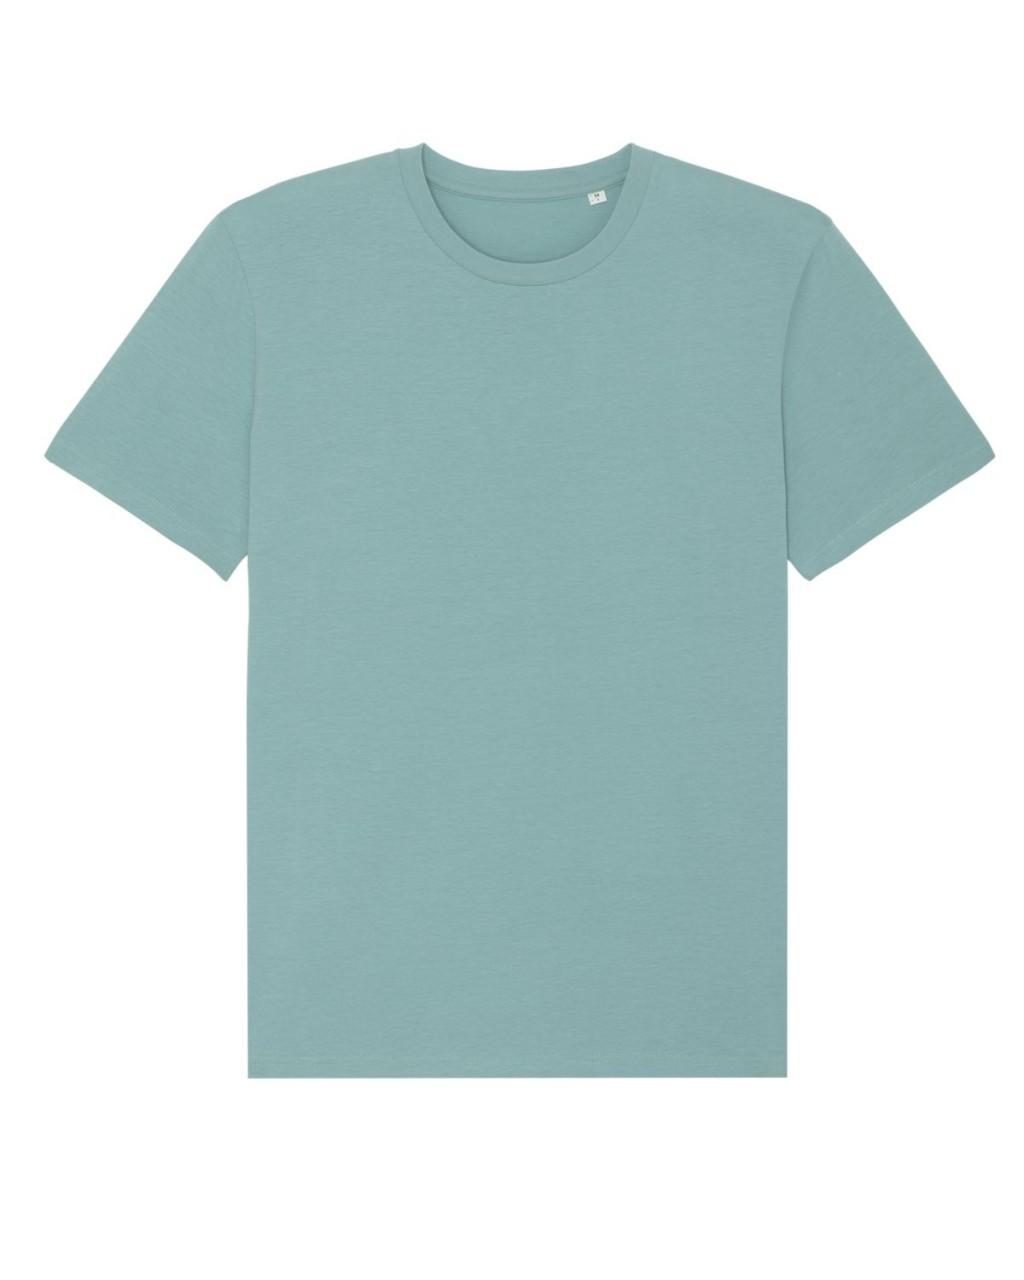 Regular Fit T-Shirt teal monstera